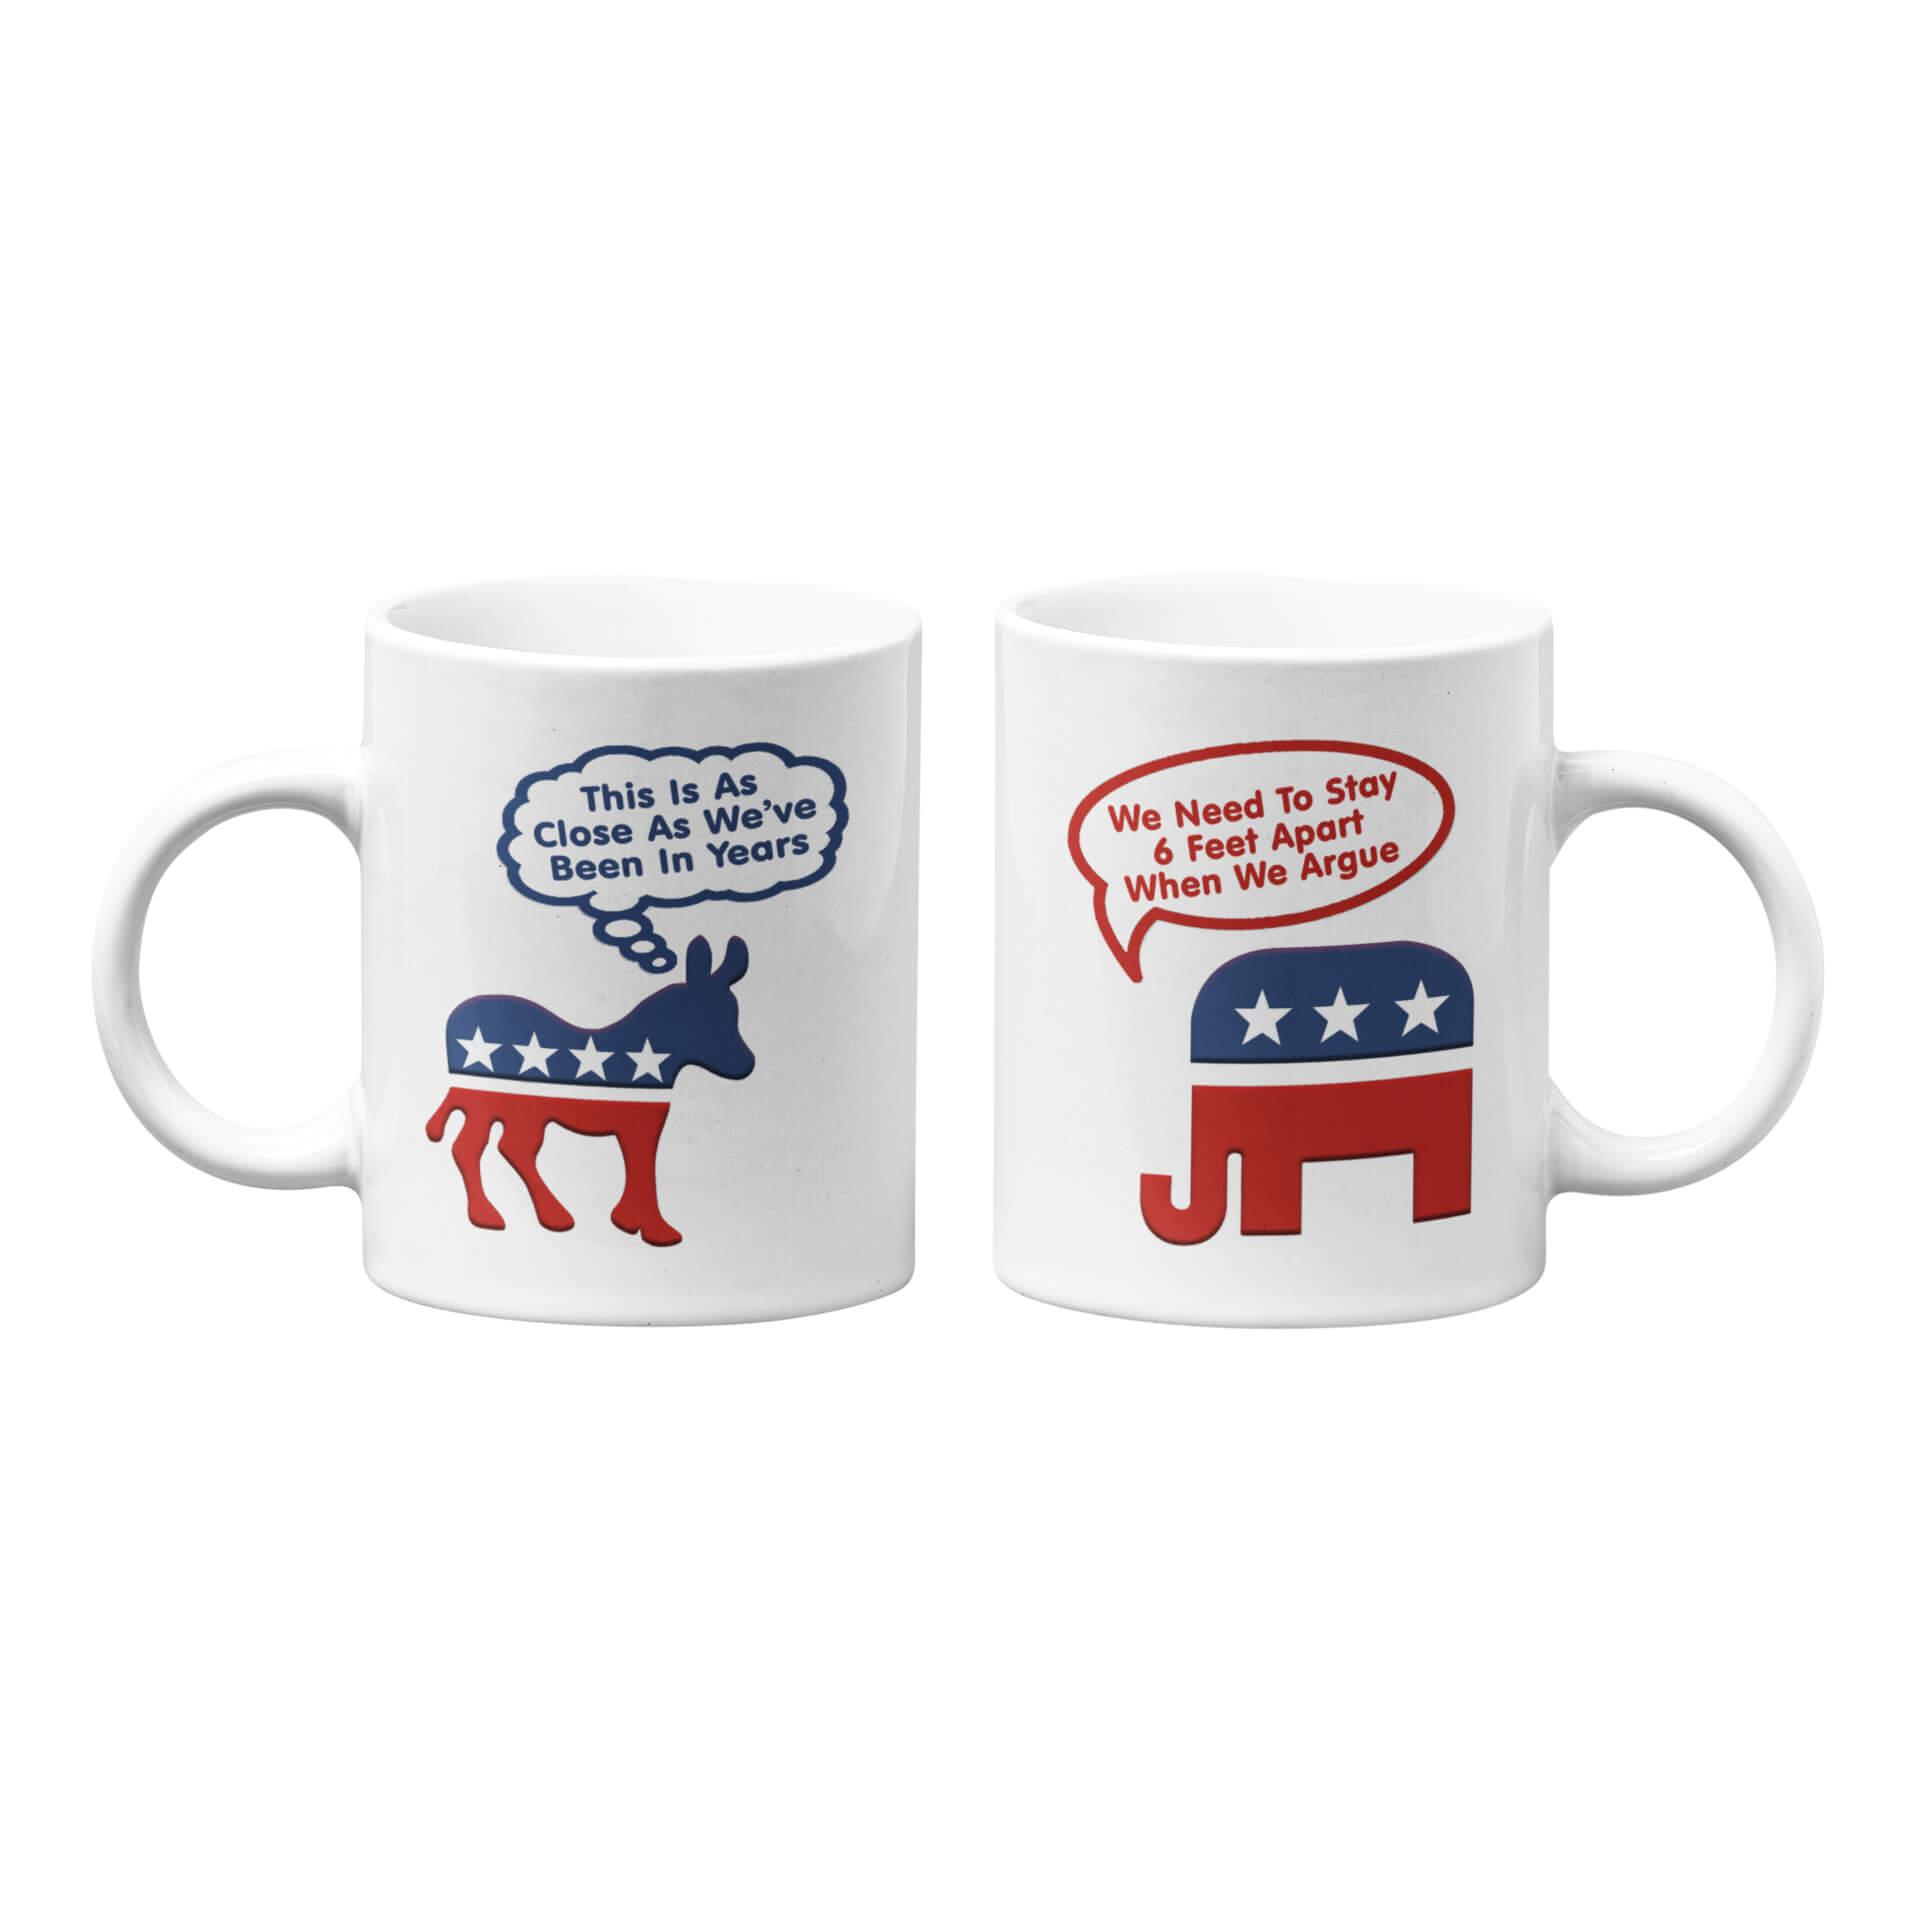 Donkey and Elephant 6 Feet Apart Mug